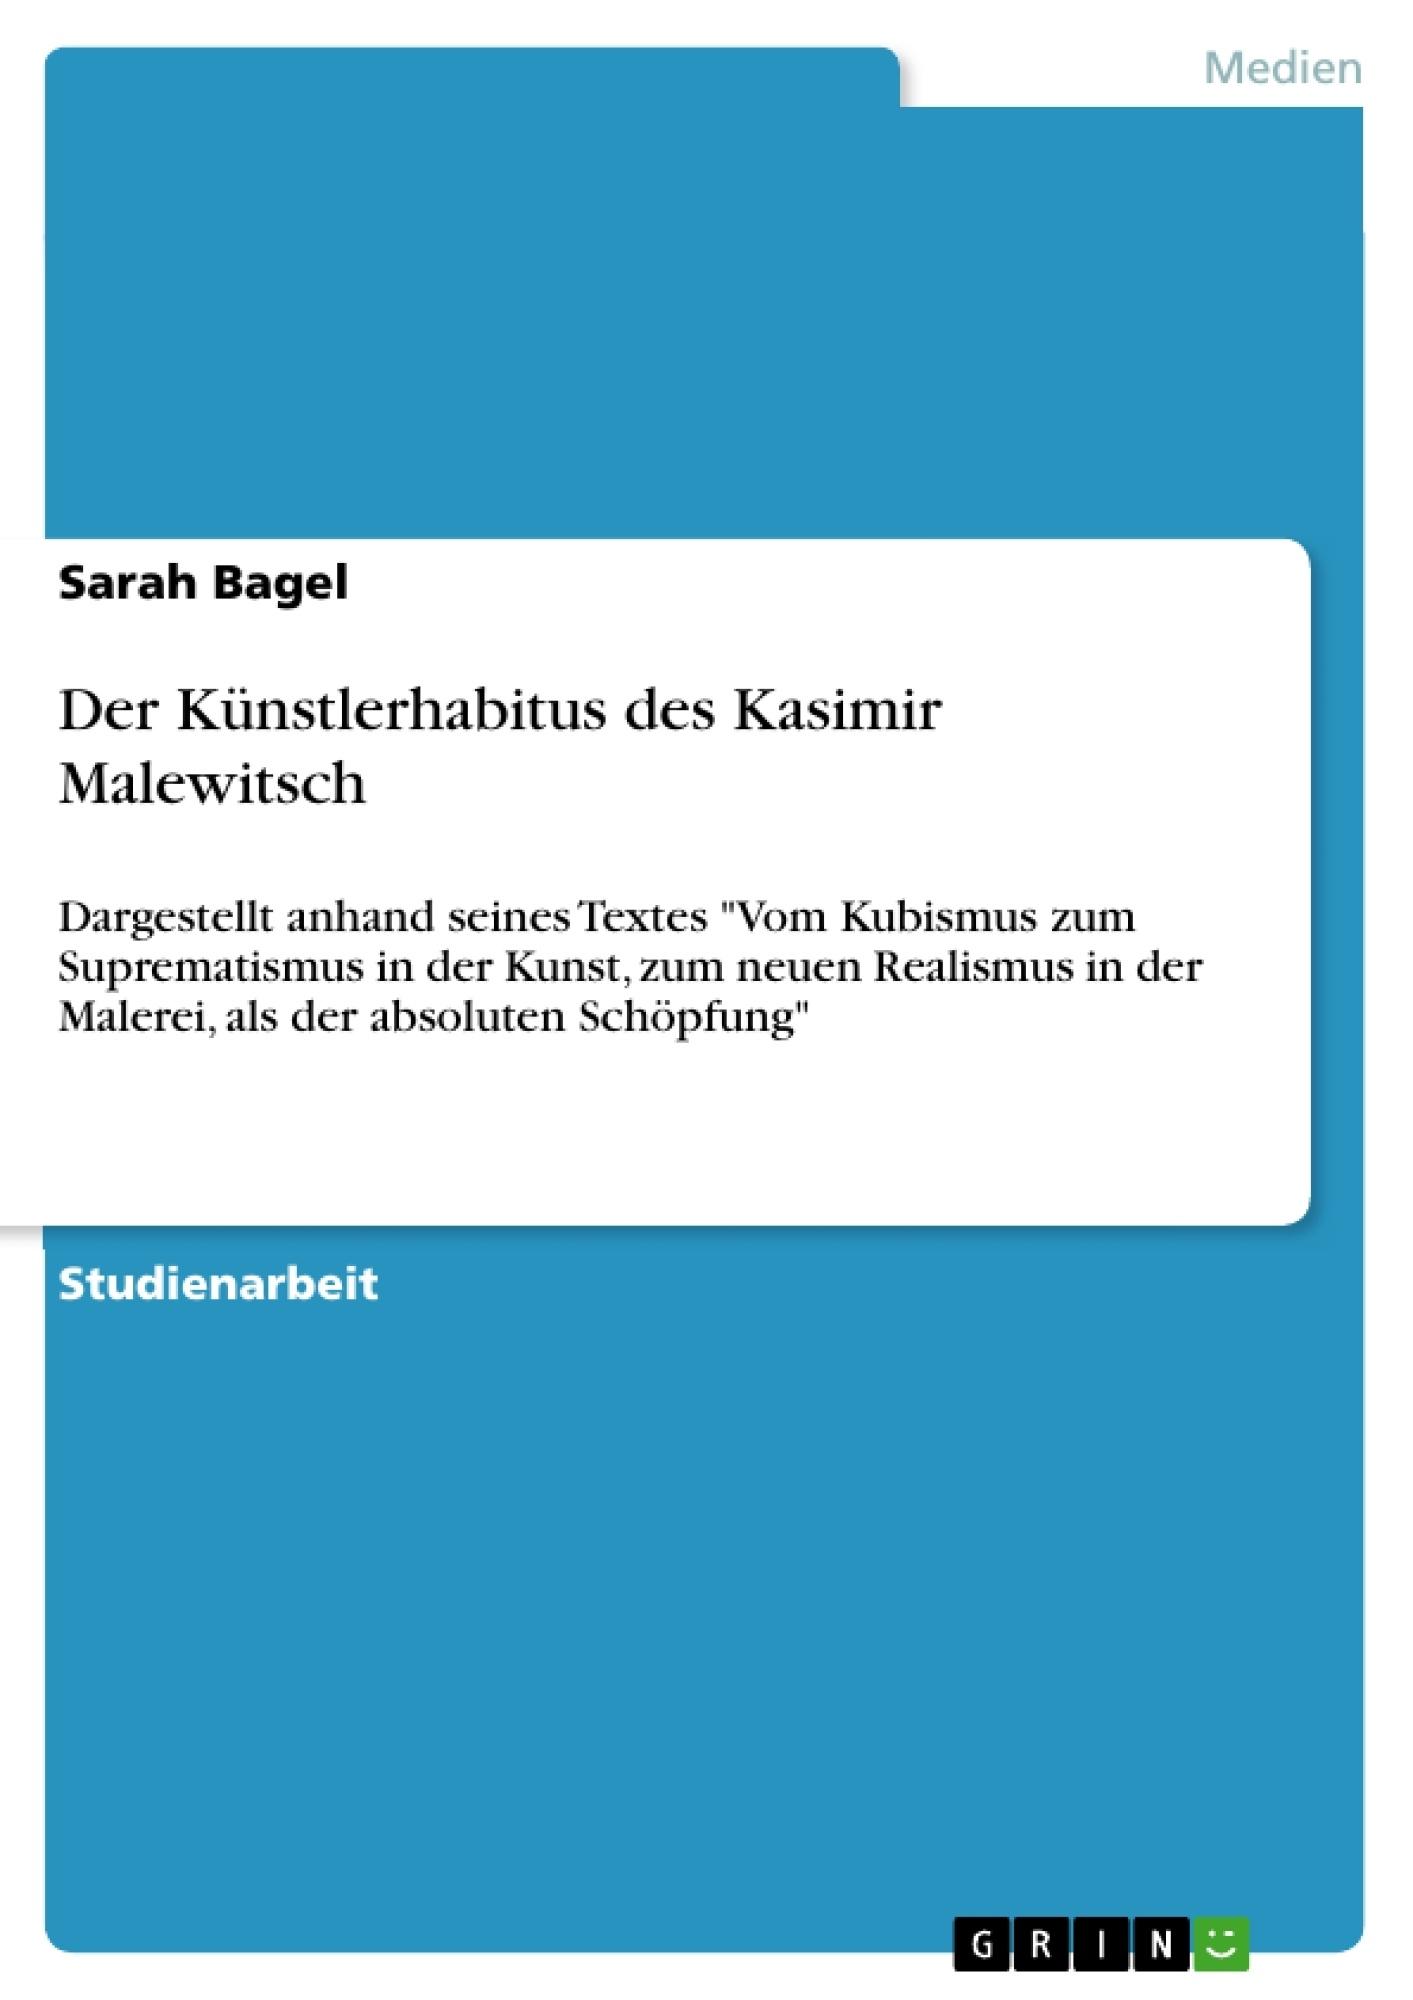 Titel: Der Künstlerhabitus des Kasimir Malewitsch